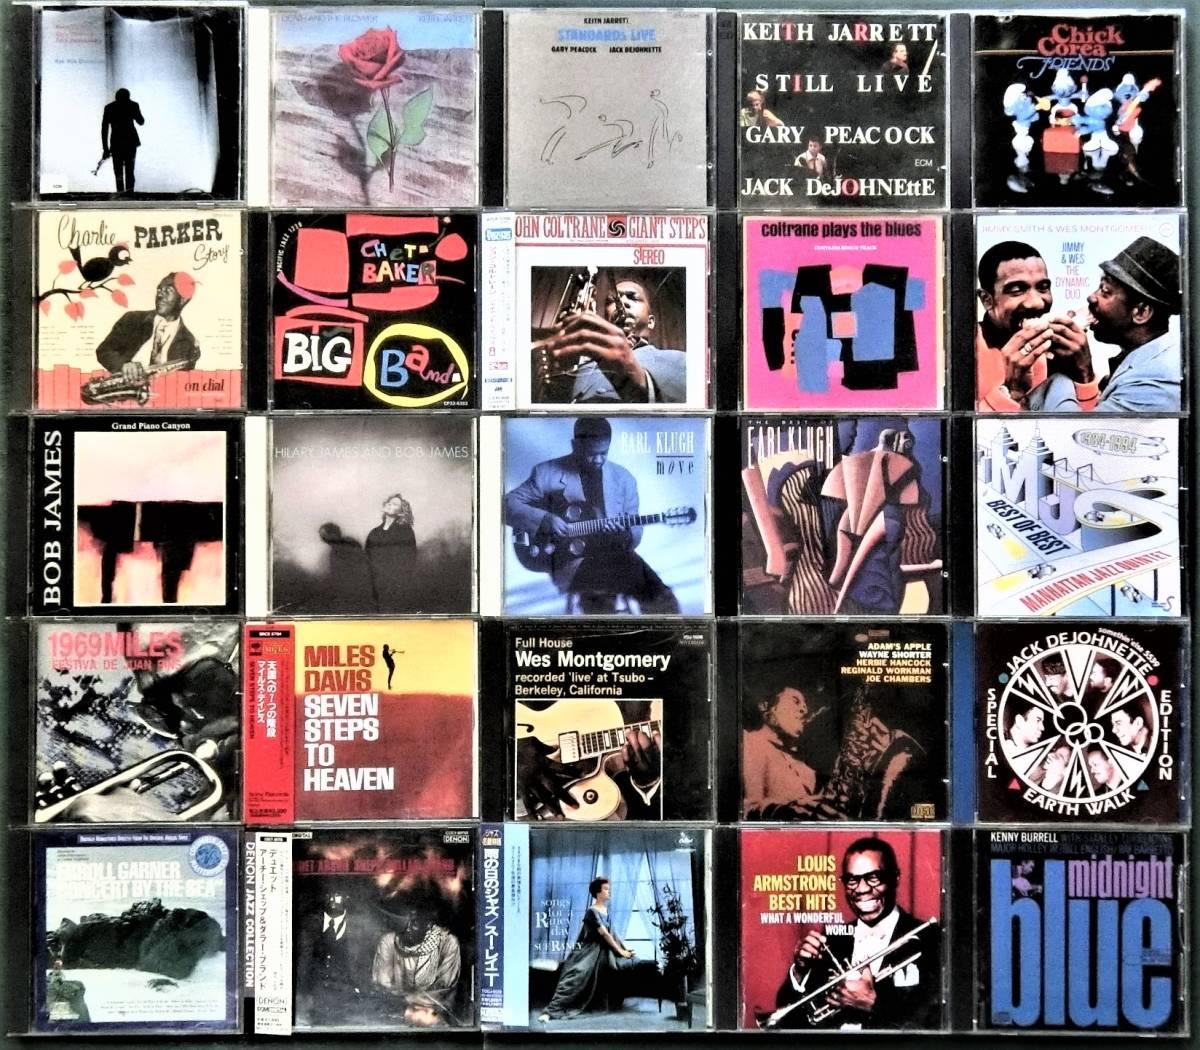 ジャズ、フュージョンなどのCD まとめて45枚セット キース・ジャレット,アール・クルー,マイルス・デイビス ほか_画像2